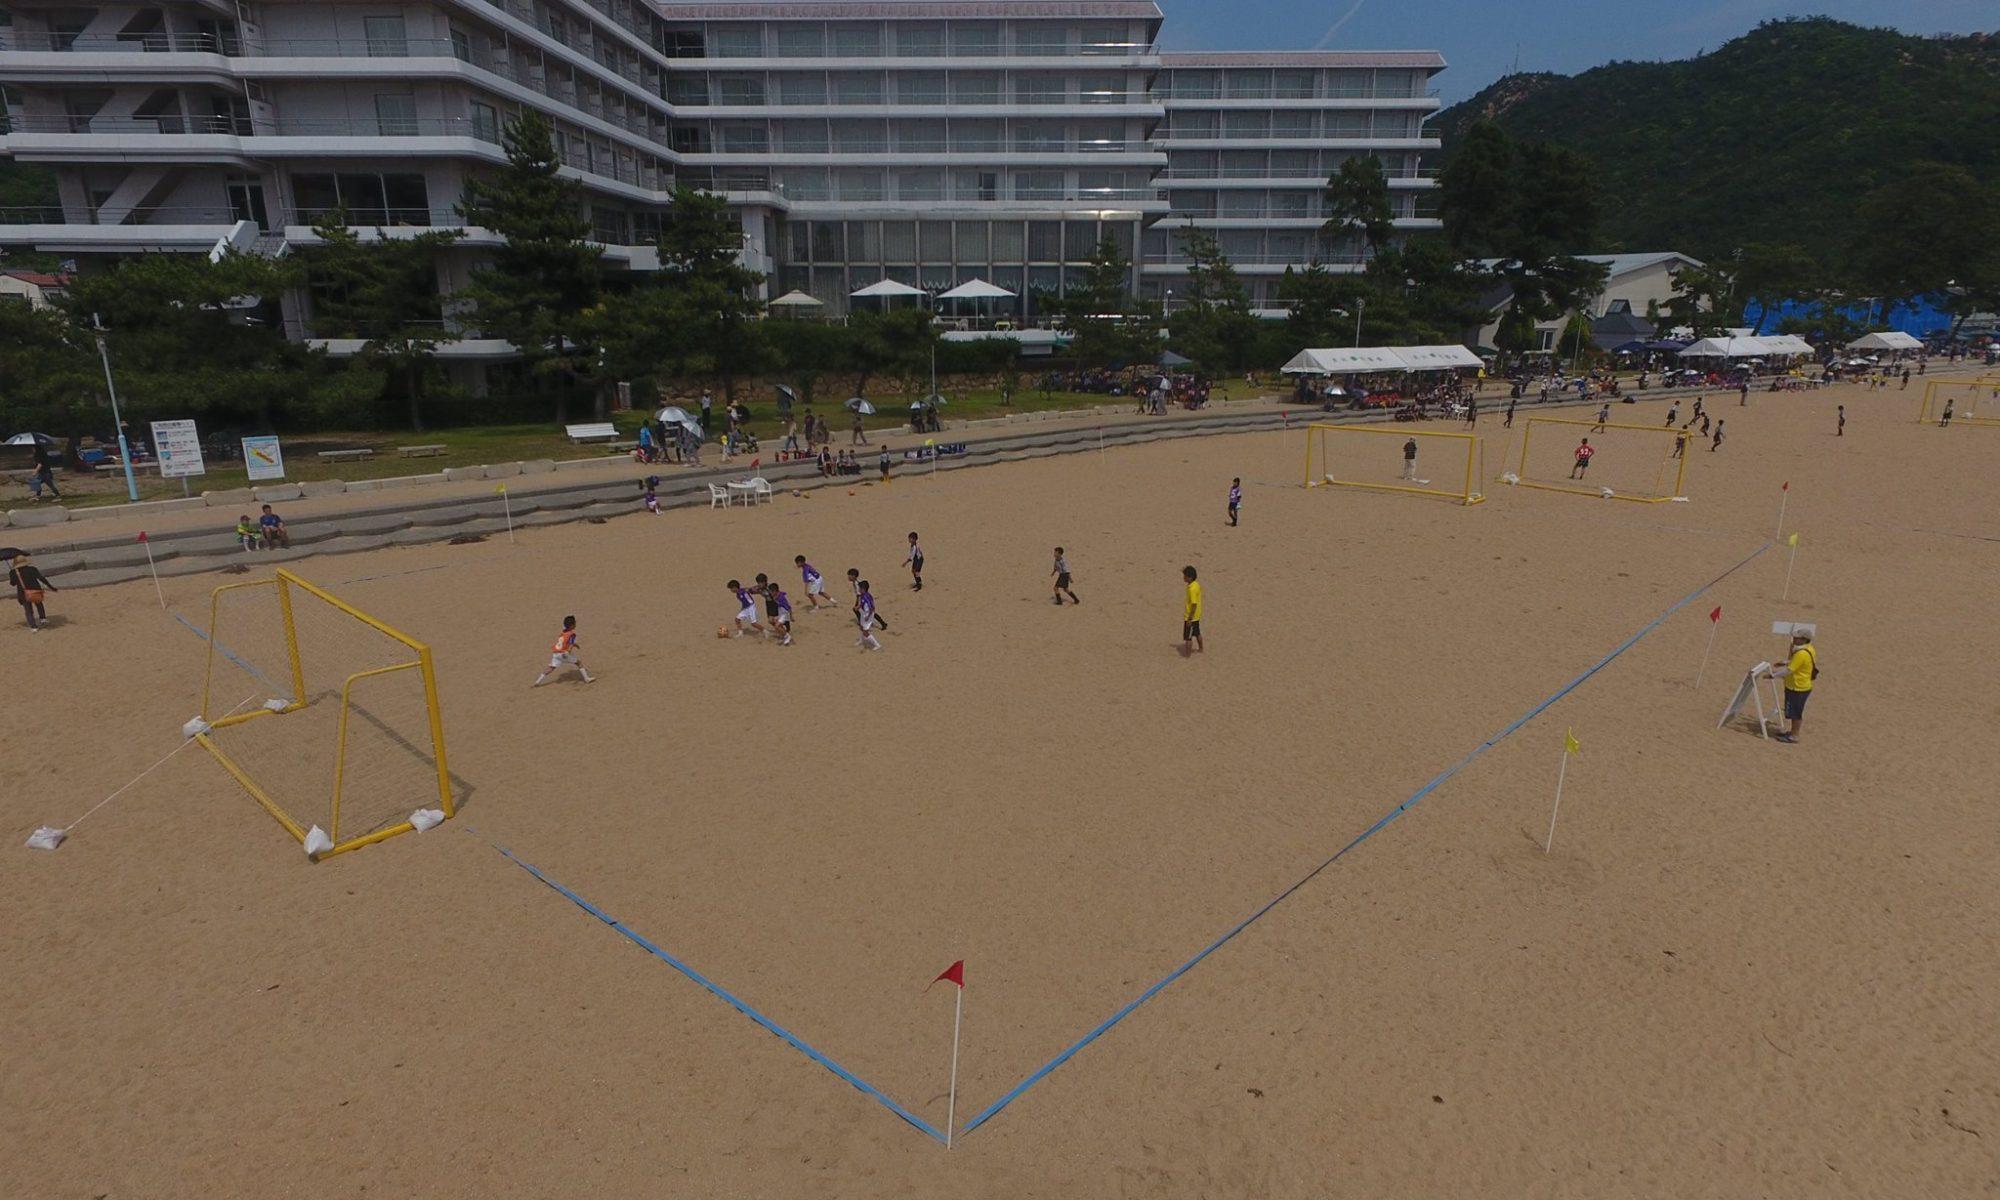 『たまの渋川ビーチサッカー大会』 Official Site